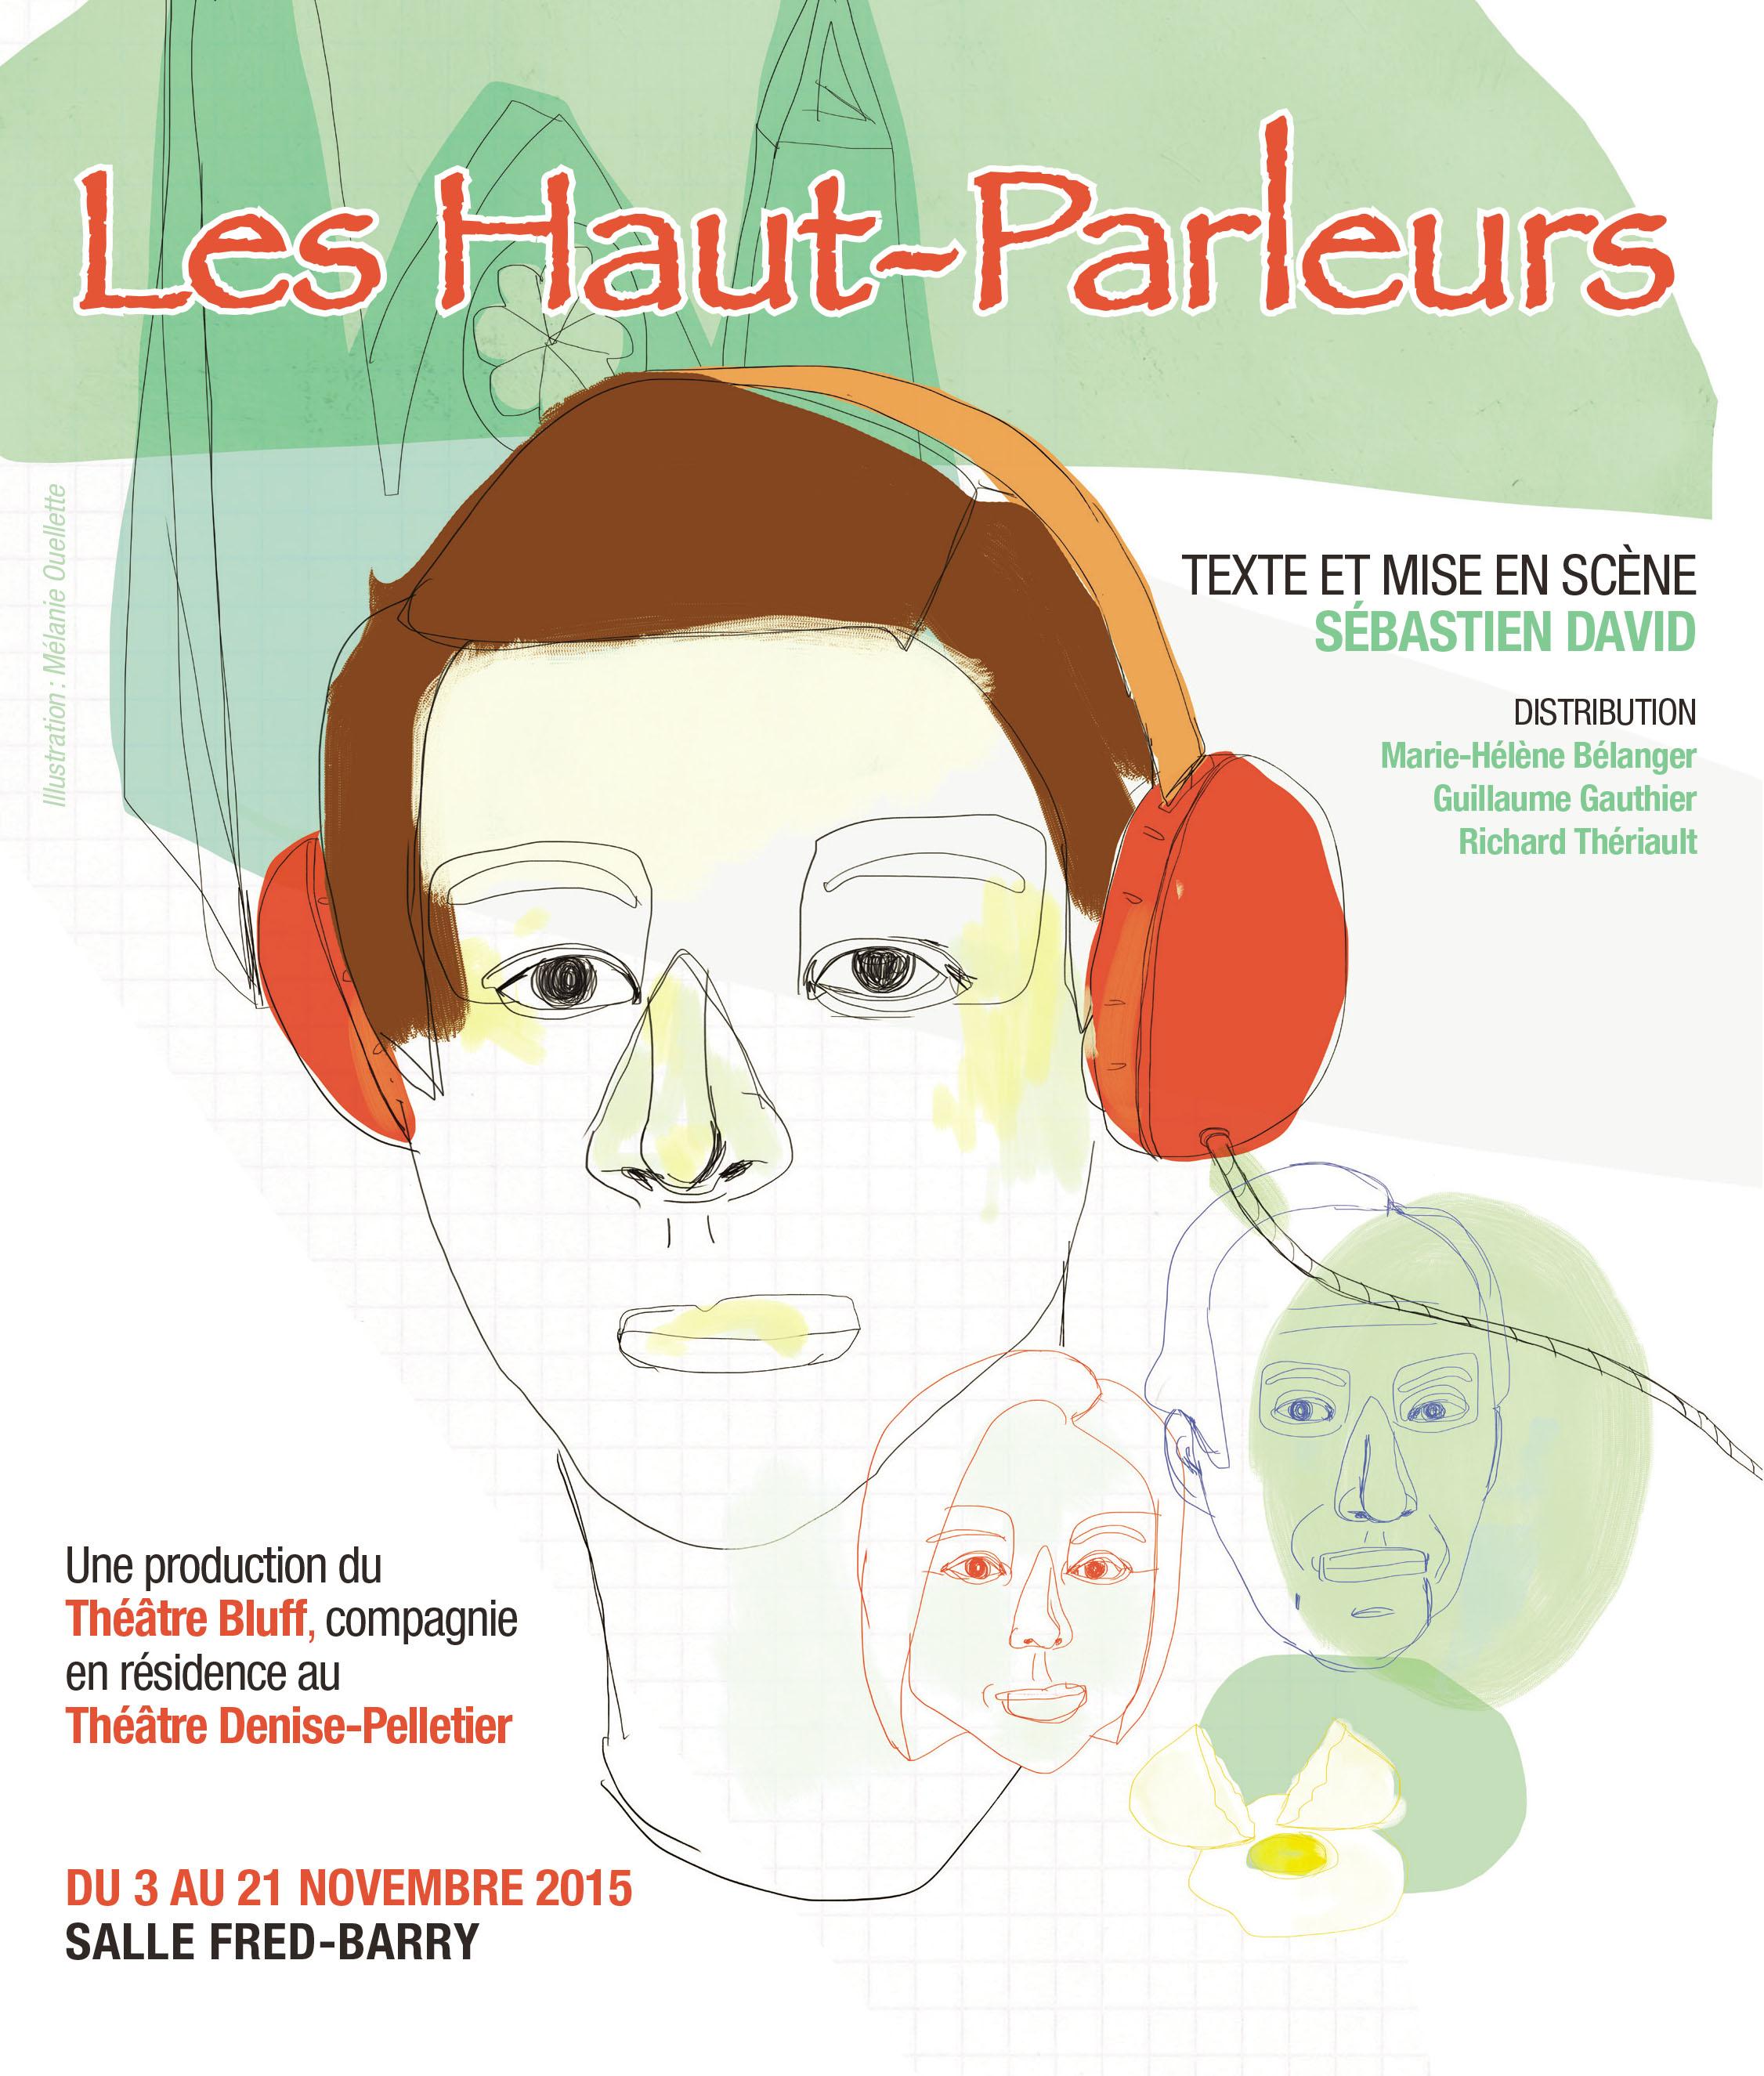 Théâtre Denise Pelletier présente Les Haut-Parleurs